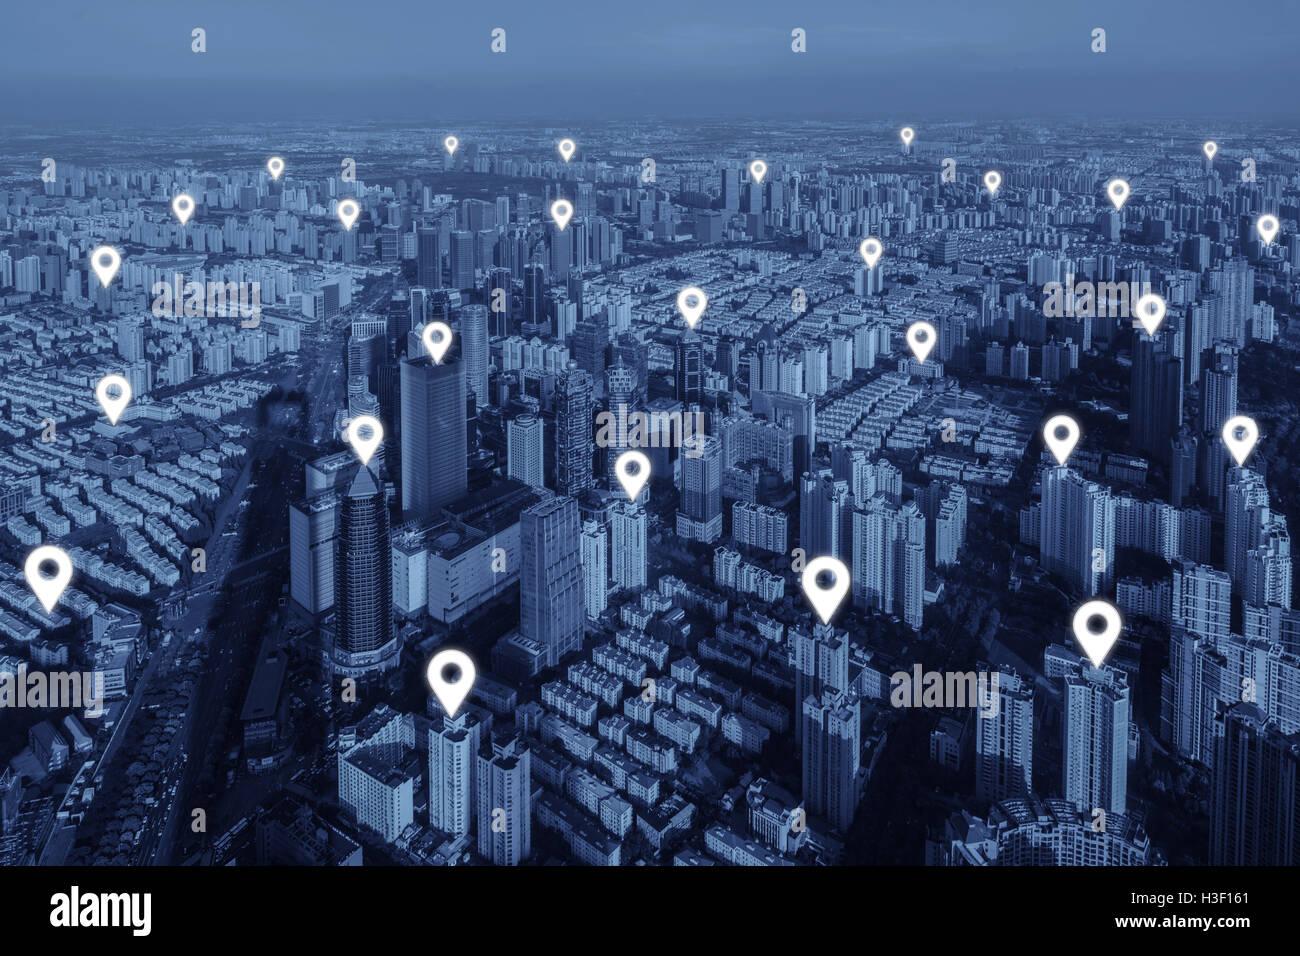 Plat à la carte de connexion réseau dans la ville. Concept de connexion réseau. Photo Stock